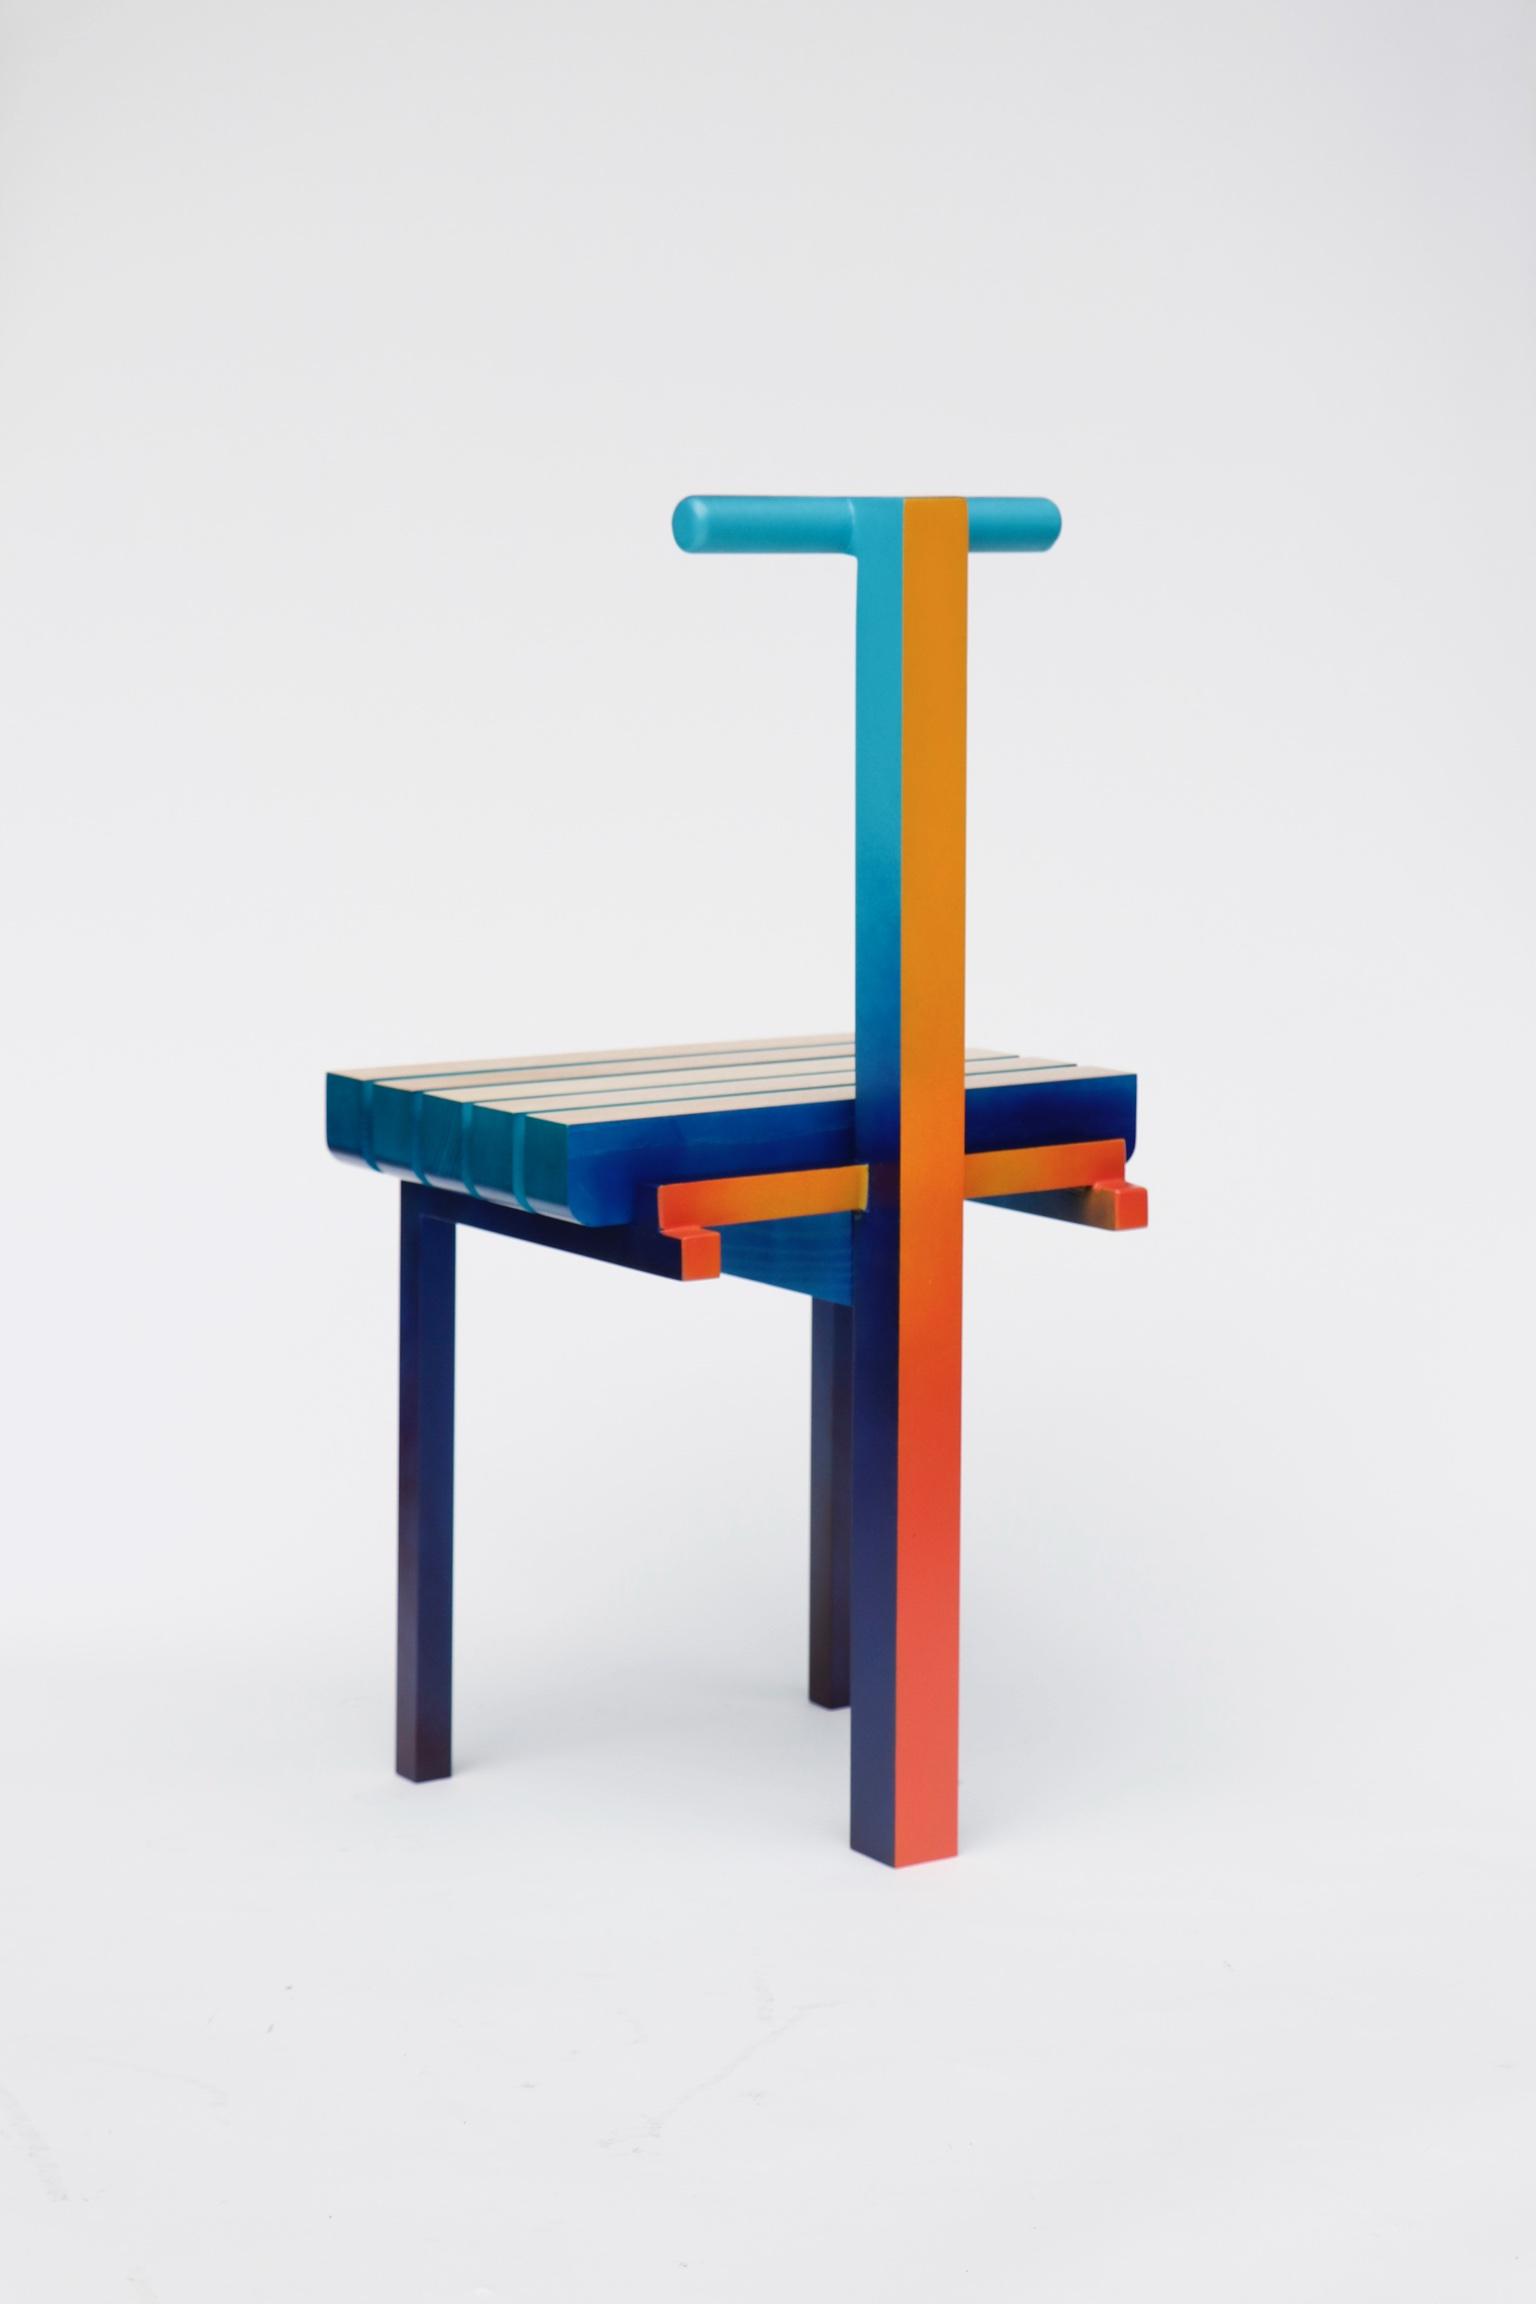 Malcolm Majer crée la Chair 3.2 à l'occasion d'Art Elysées pour Huskdesignblog, à Paris.